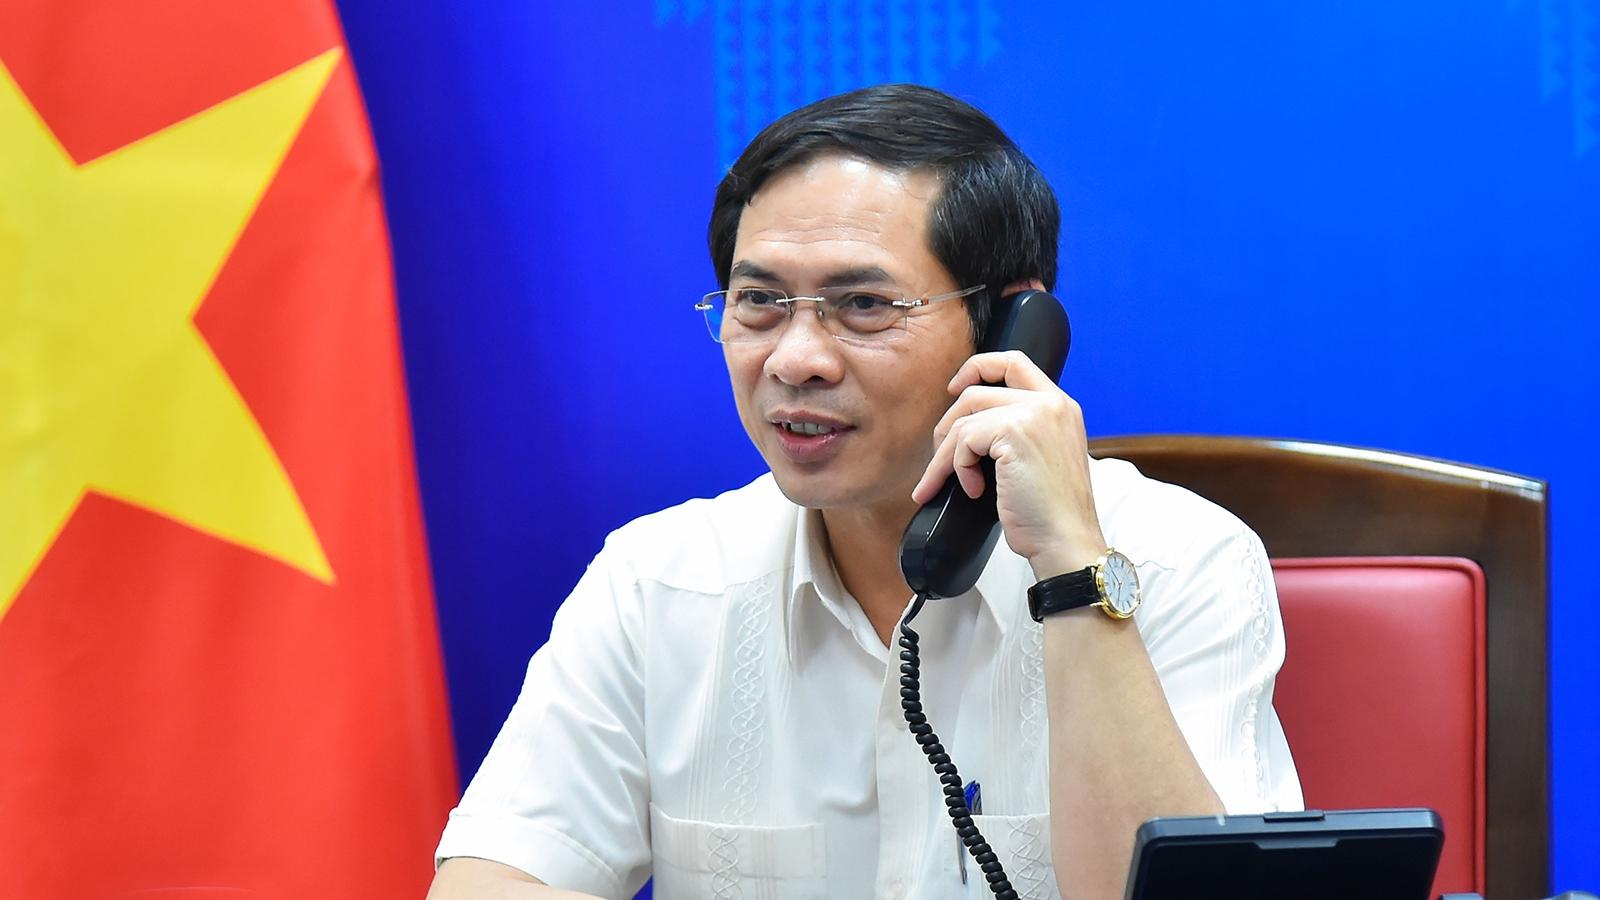 Bộ trưởng Ngoại giao Bùi Thanh Sơn điện đàm với Bộ trưởng Ngoại giao Na Uy